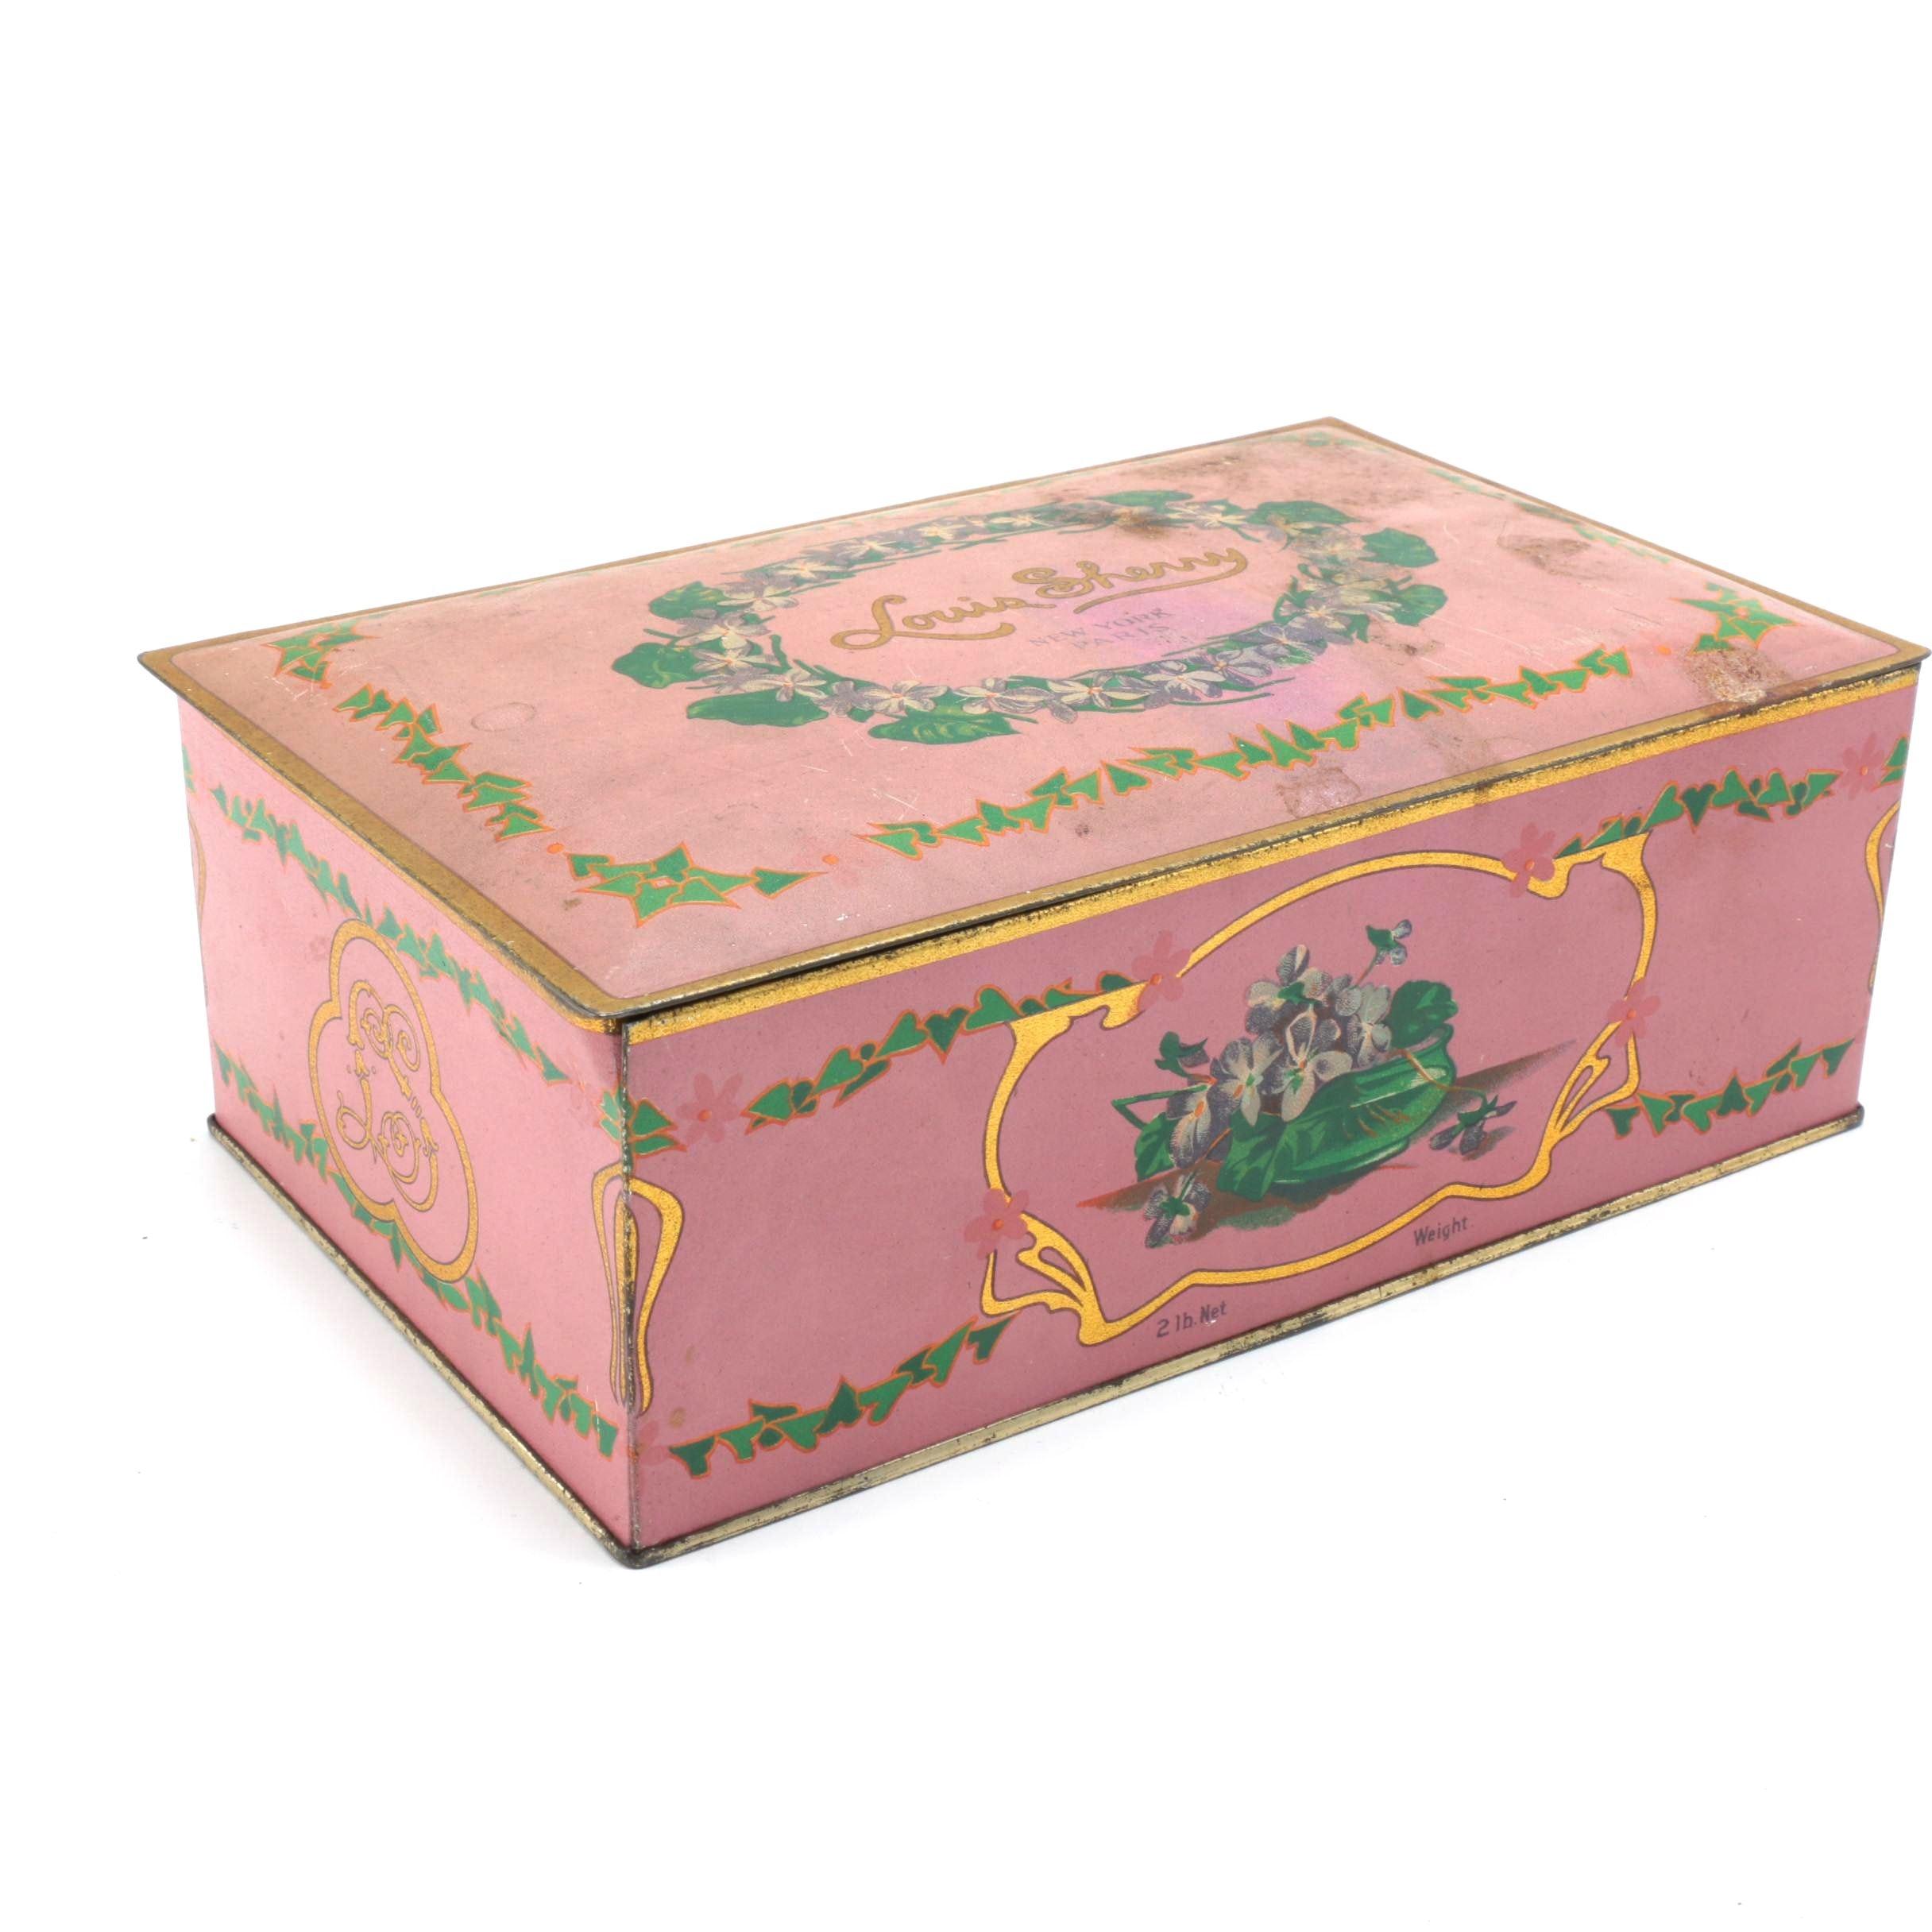 Vintage Louis Sherry Metal Candy Box